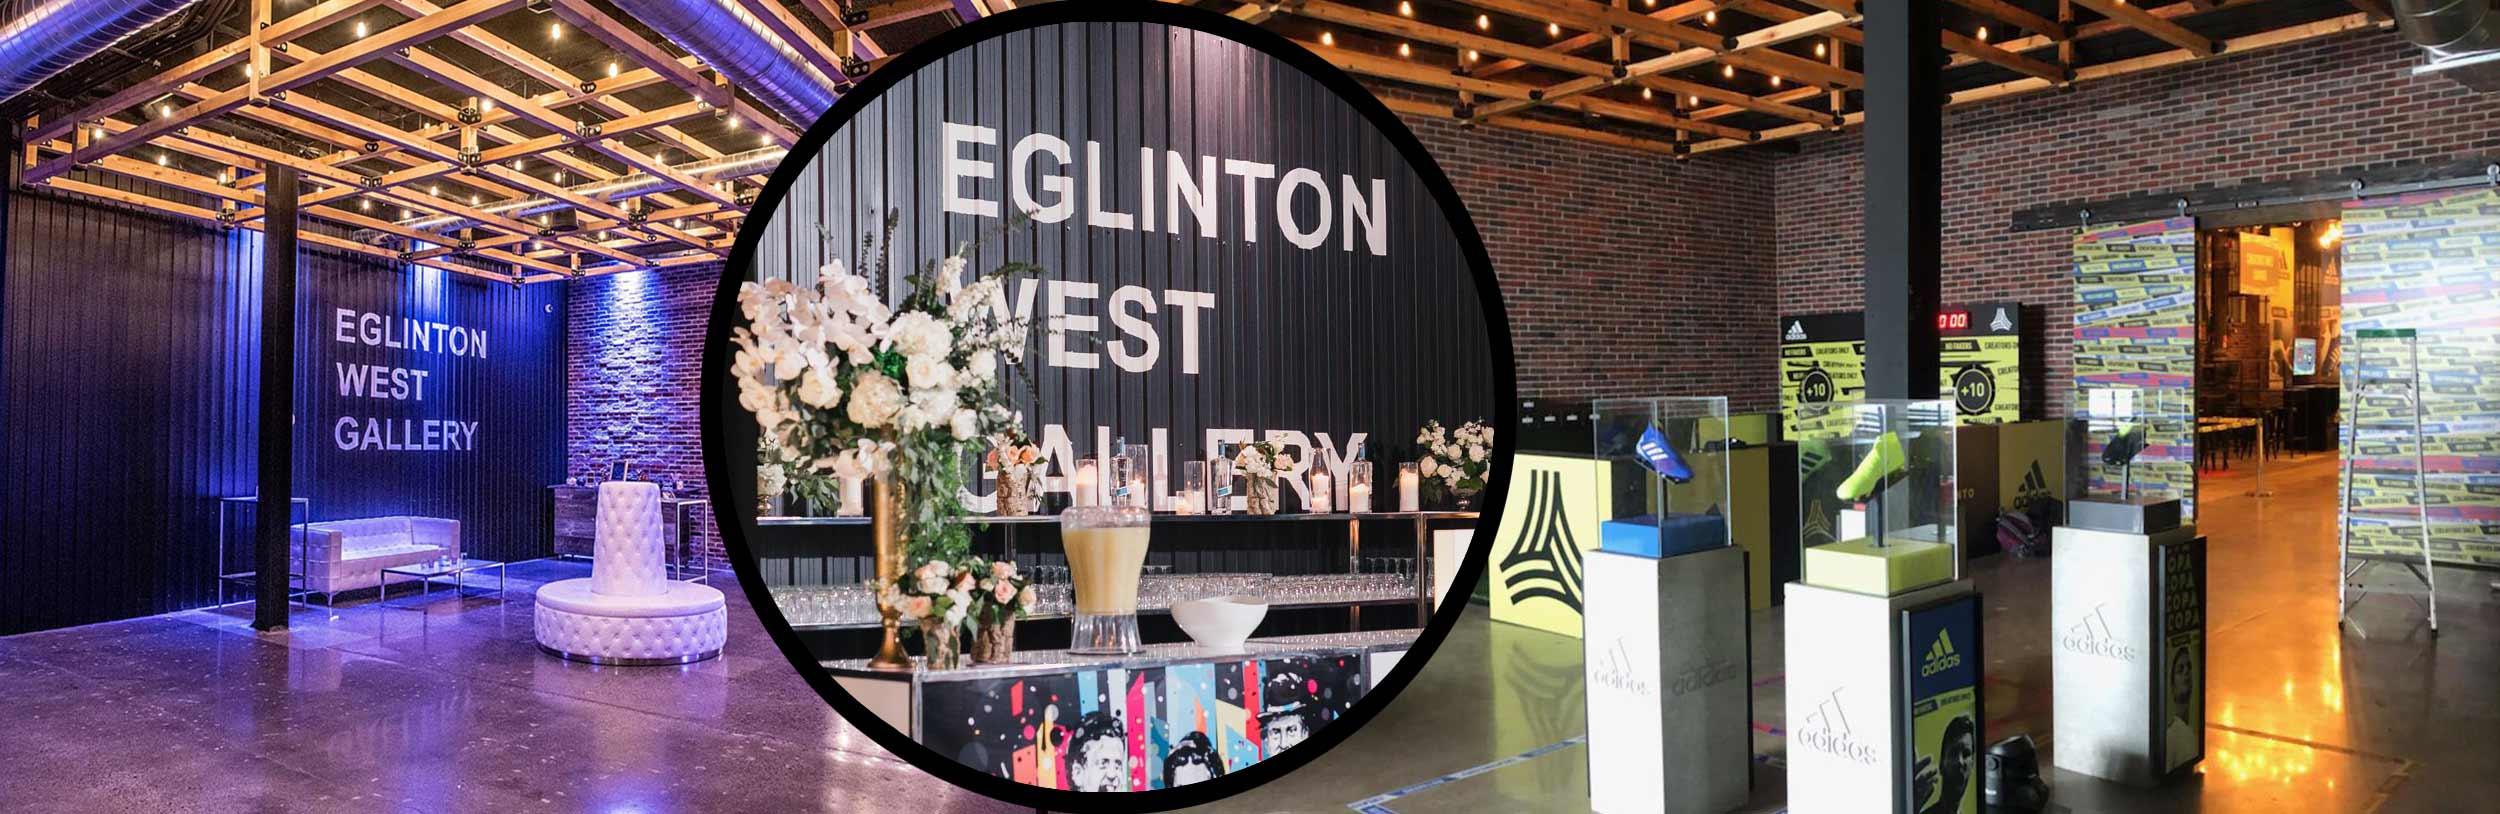 Eglinton Gallery